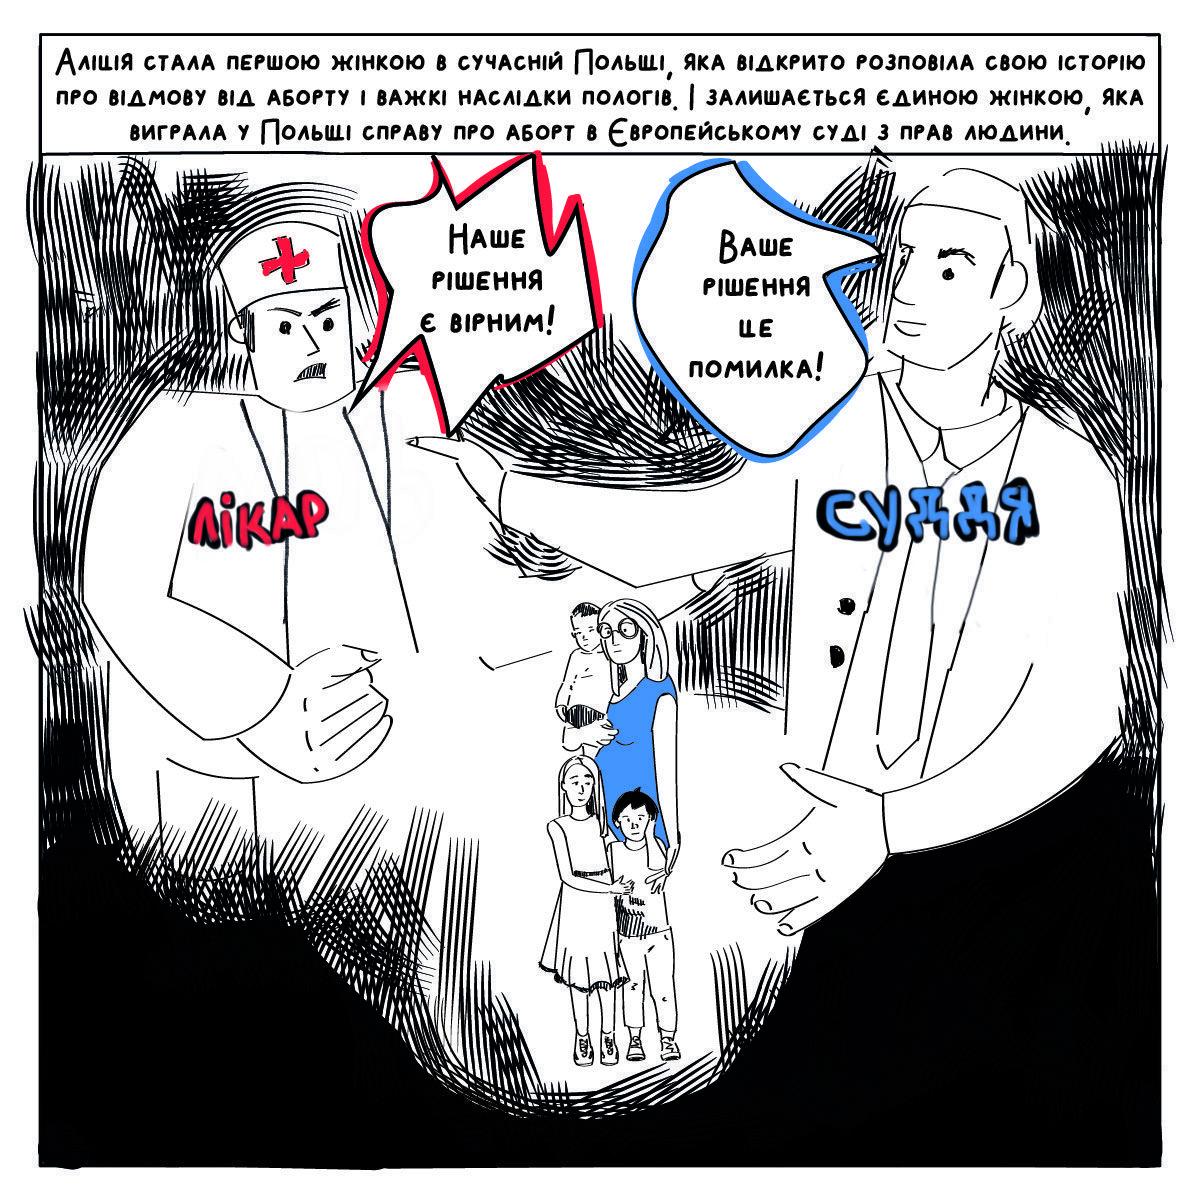 abortion in poland comics ua end - <b>Вам заборонені аборти.</b> Комікс Насті Оприщенко про те, як в Польщі обмежують права жінок - Заборона